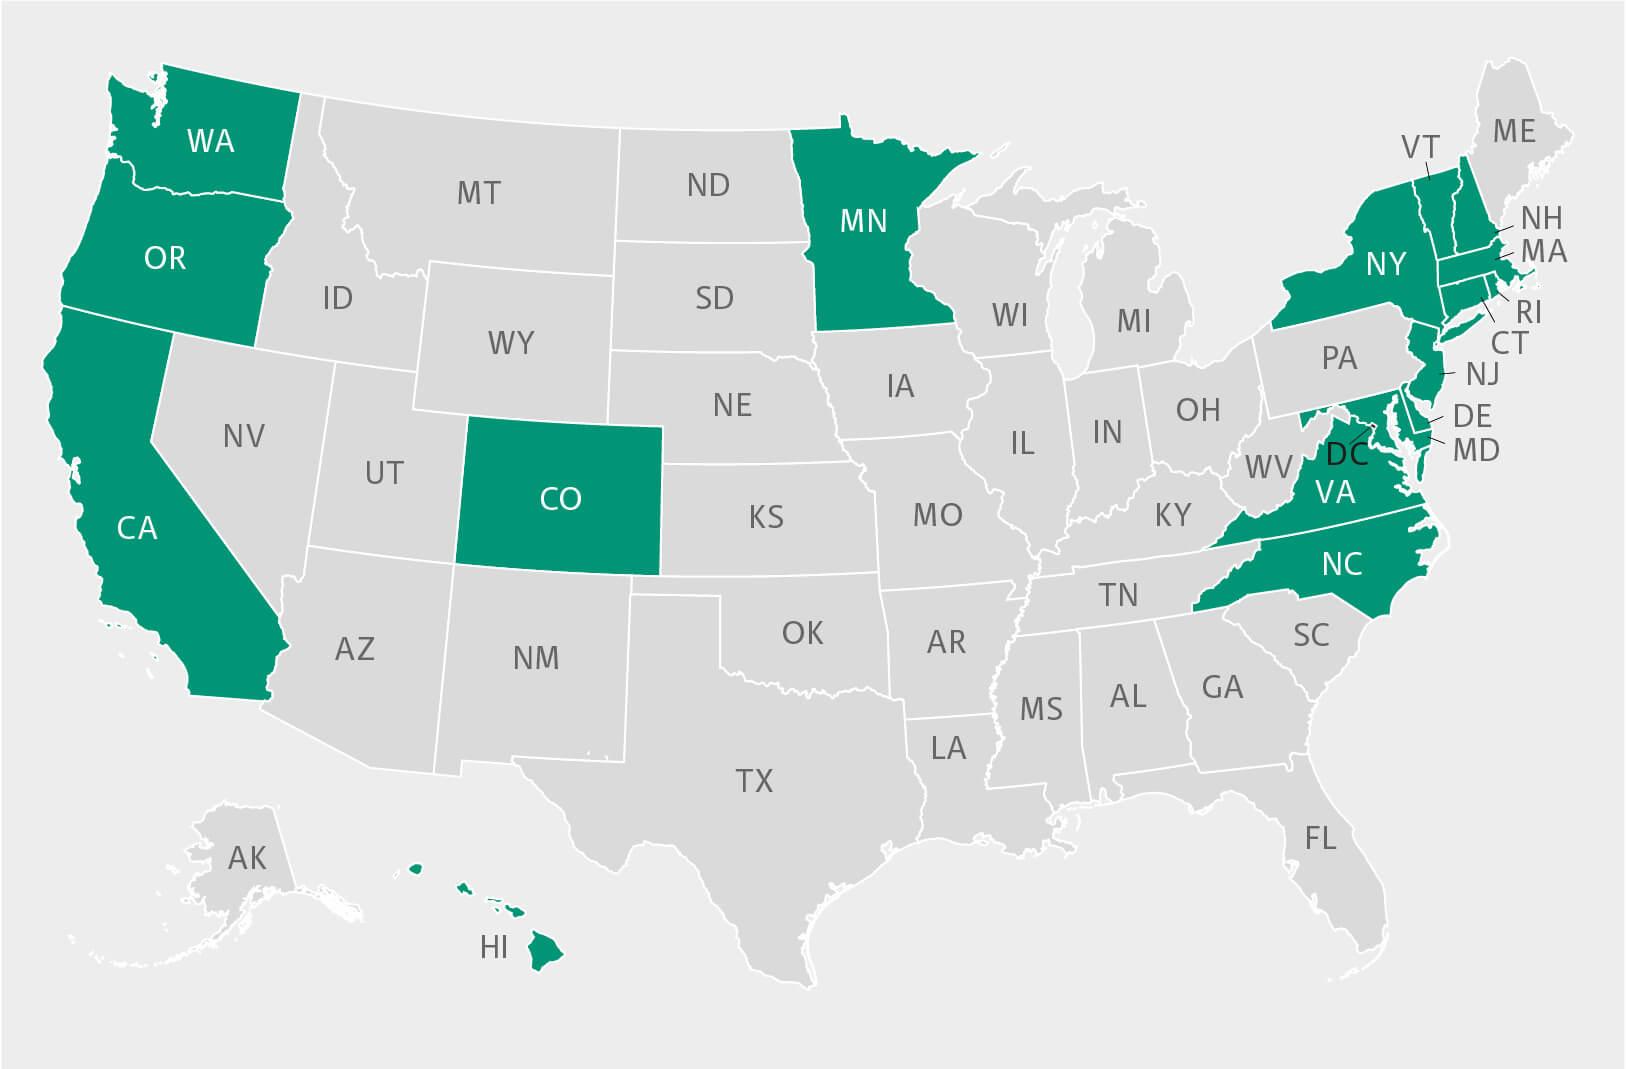 Karte der USA mit Markierung der US Bundesstaaten mit freiwilliger Verpflichtung zur Reduktion der Treibhausgasemissionen nach dem Pariser Klimaabkommen